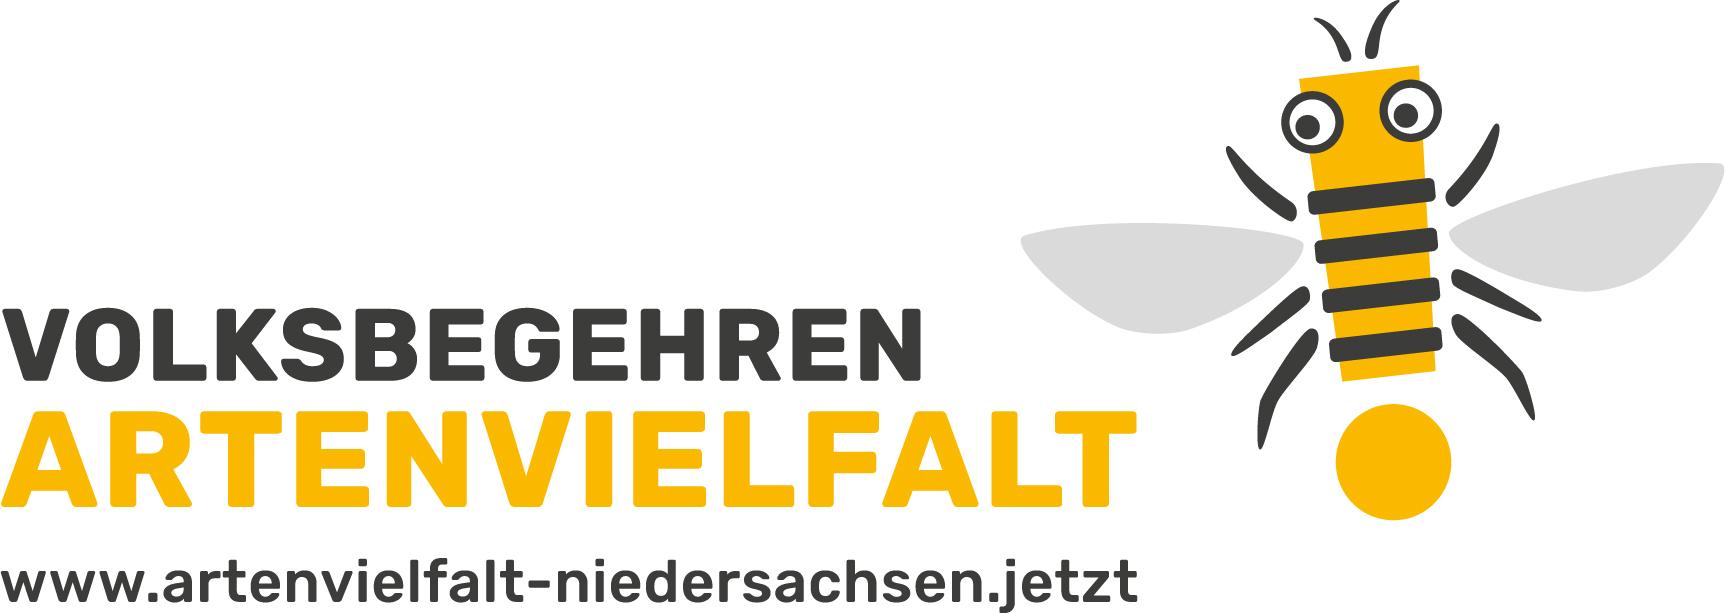 Logo Volksbegehren Artenvielfalt